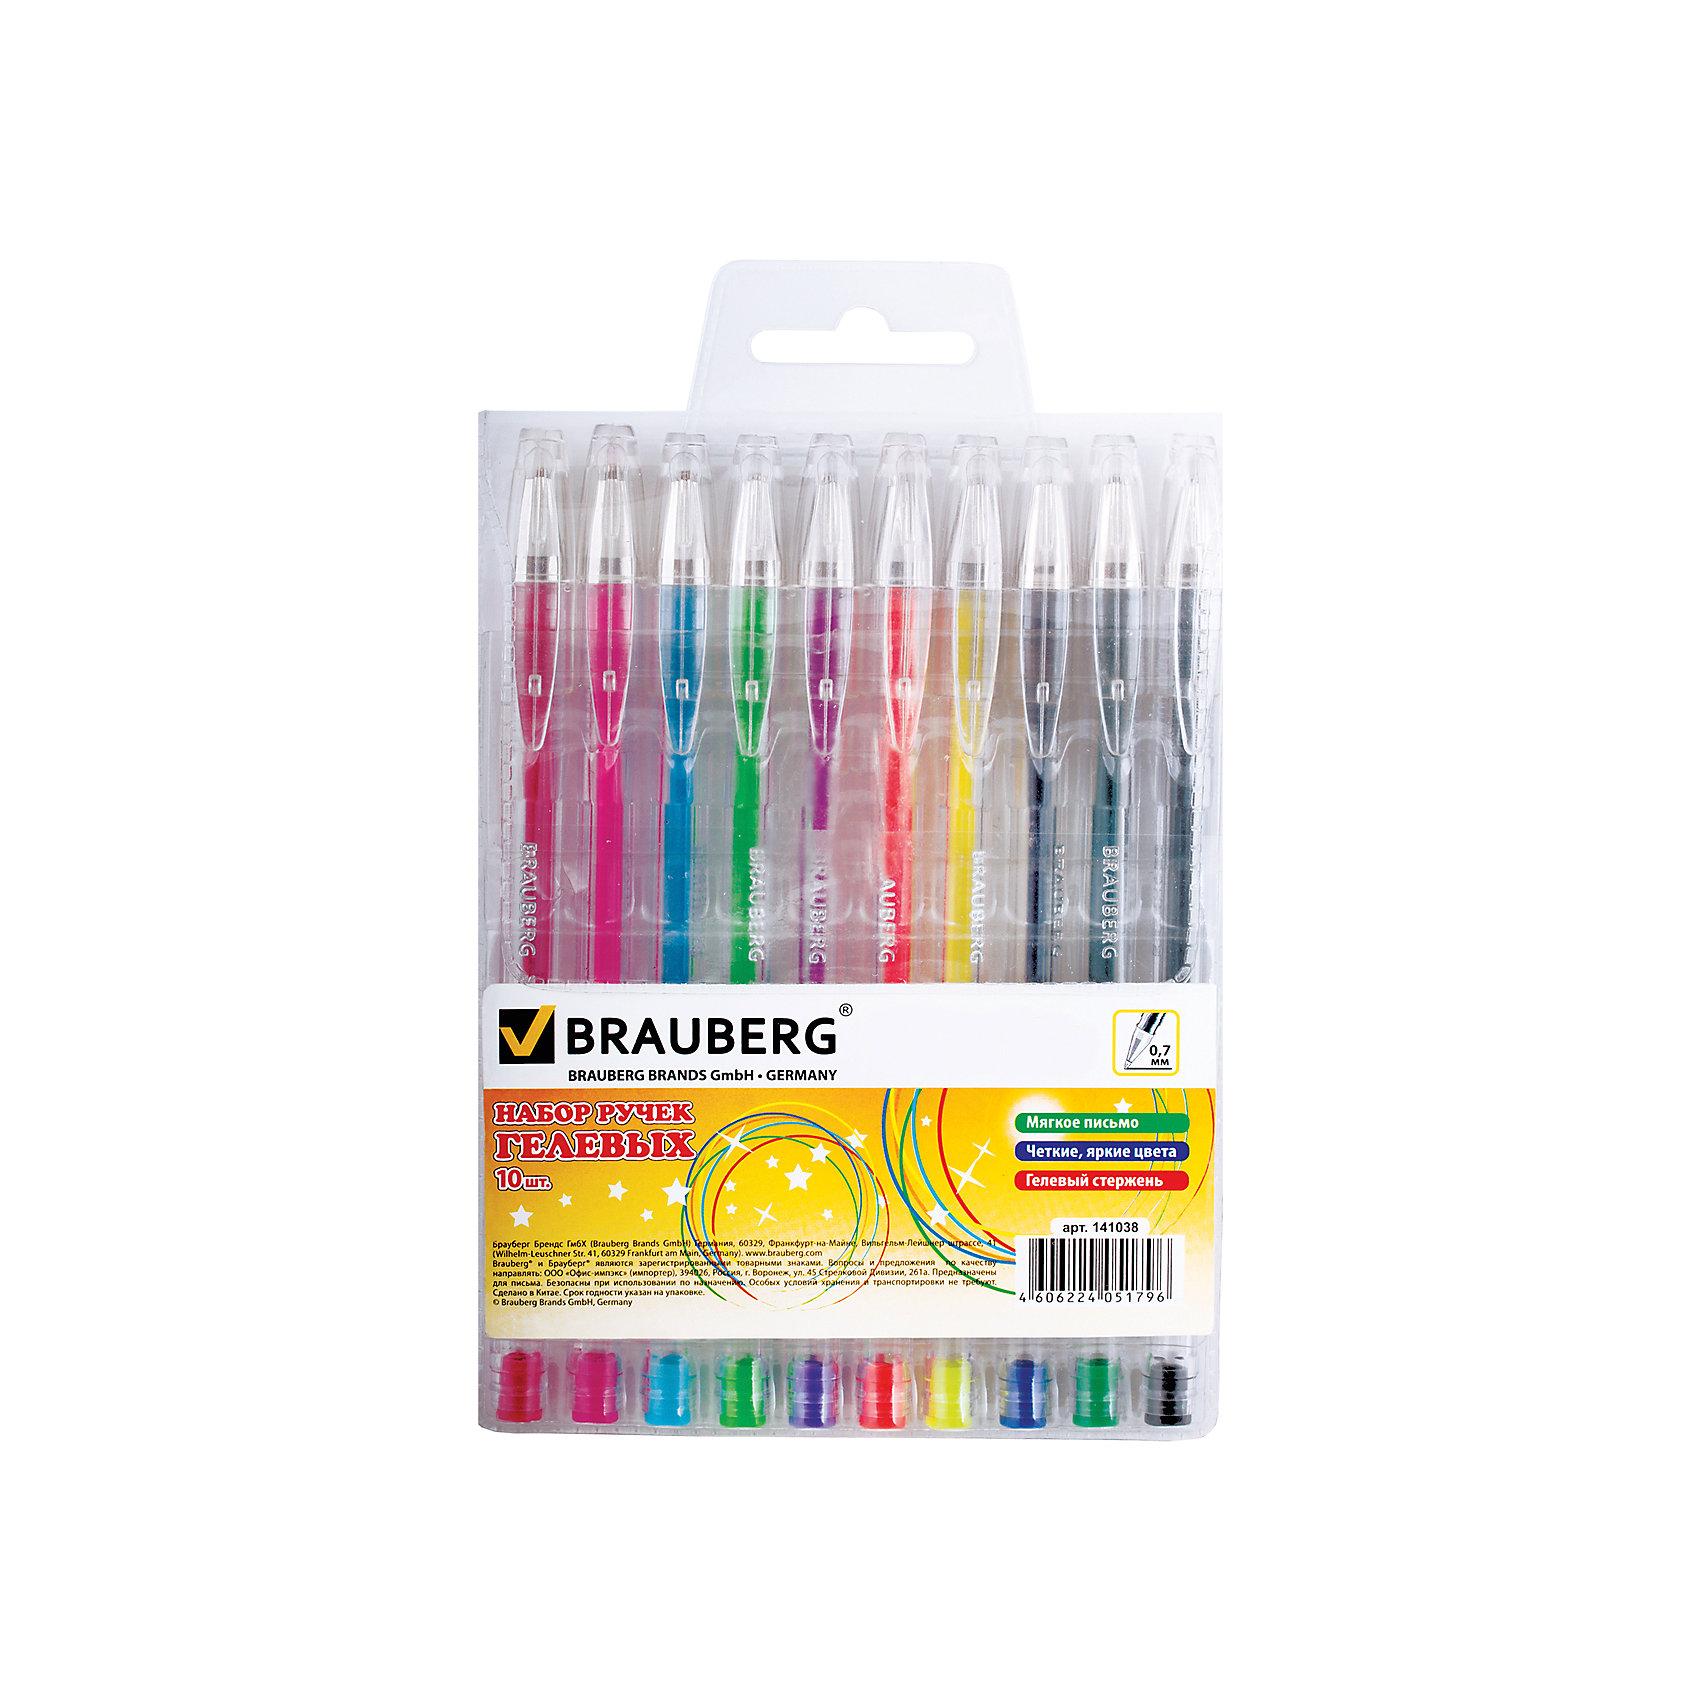 Гелевые ручкиJet, 10 шт., 0,7 ммНабор включает яркие гелевые ручки различных цветов.  Ручки упакованы в удобный, мягкий пластиковый футляр.<br>Рекомендован для детского творчества.<br><br>Дополнительная информация: <br><br>- Цвет чернил - ассорти.<br>- Цвет корпуса - прозрачный с деталями в цвет чернил.<br>- Толщина линии - 0,7 мм.<br>- Упаковка - мягкий пластиковый футляр с европодвесом.<br>- Размер упаковки: 11,5х15,5х1,5 см.<br>- Вес в упаковке: 103 г.<br><br>Гелевые ручкиJet можно купить в нашем магазине.<br><br>Ширина мм: 115<br>Глубина мм: 155<br>Высота мм: 15<br>Вес г: 103<br>Возраст от месяцев: 72<br>Возраст до месяцев: 2147483647<br>Пол: Унисекс<br>Возраст: Детский<br>SKU: 4792754